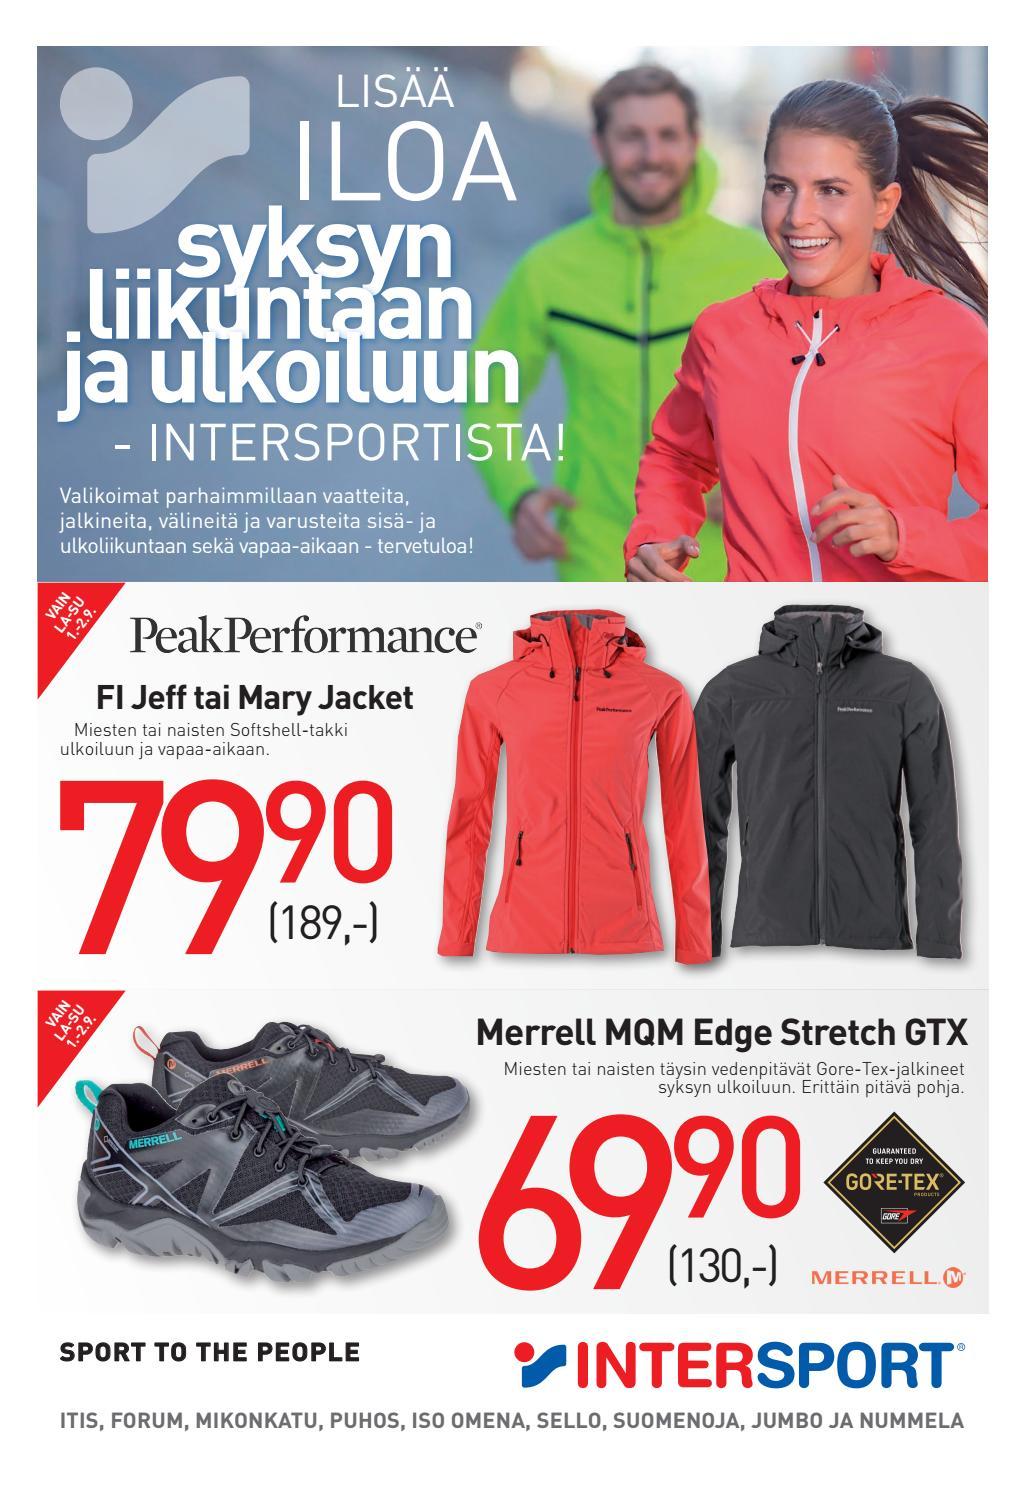 Pääkaupunkiseudun Intersportien valikoimaa ja huipputarjouksia syksyn  liikuntaan ja ulkoiluun! by Intersport Finland - issuu afd8bd1dbc